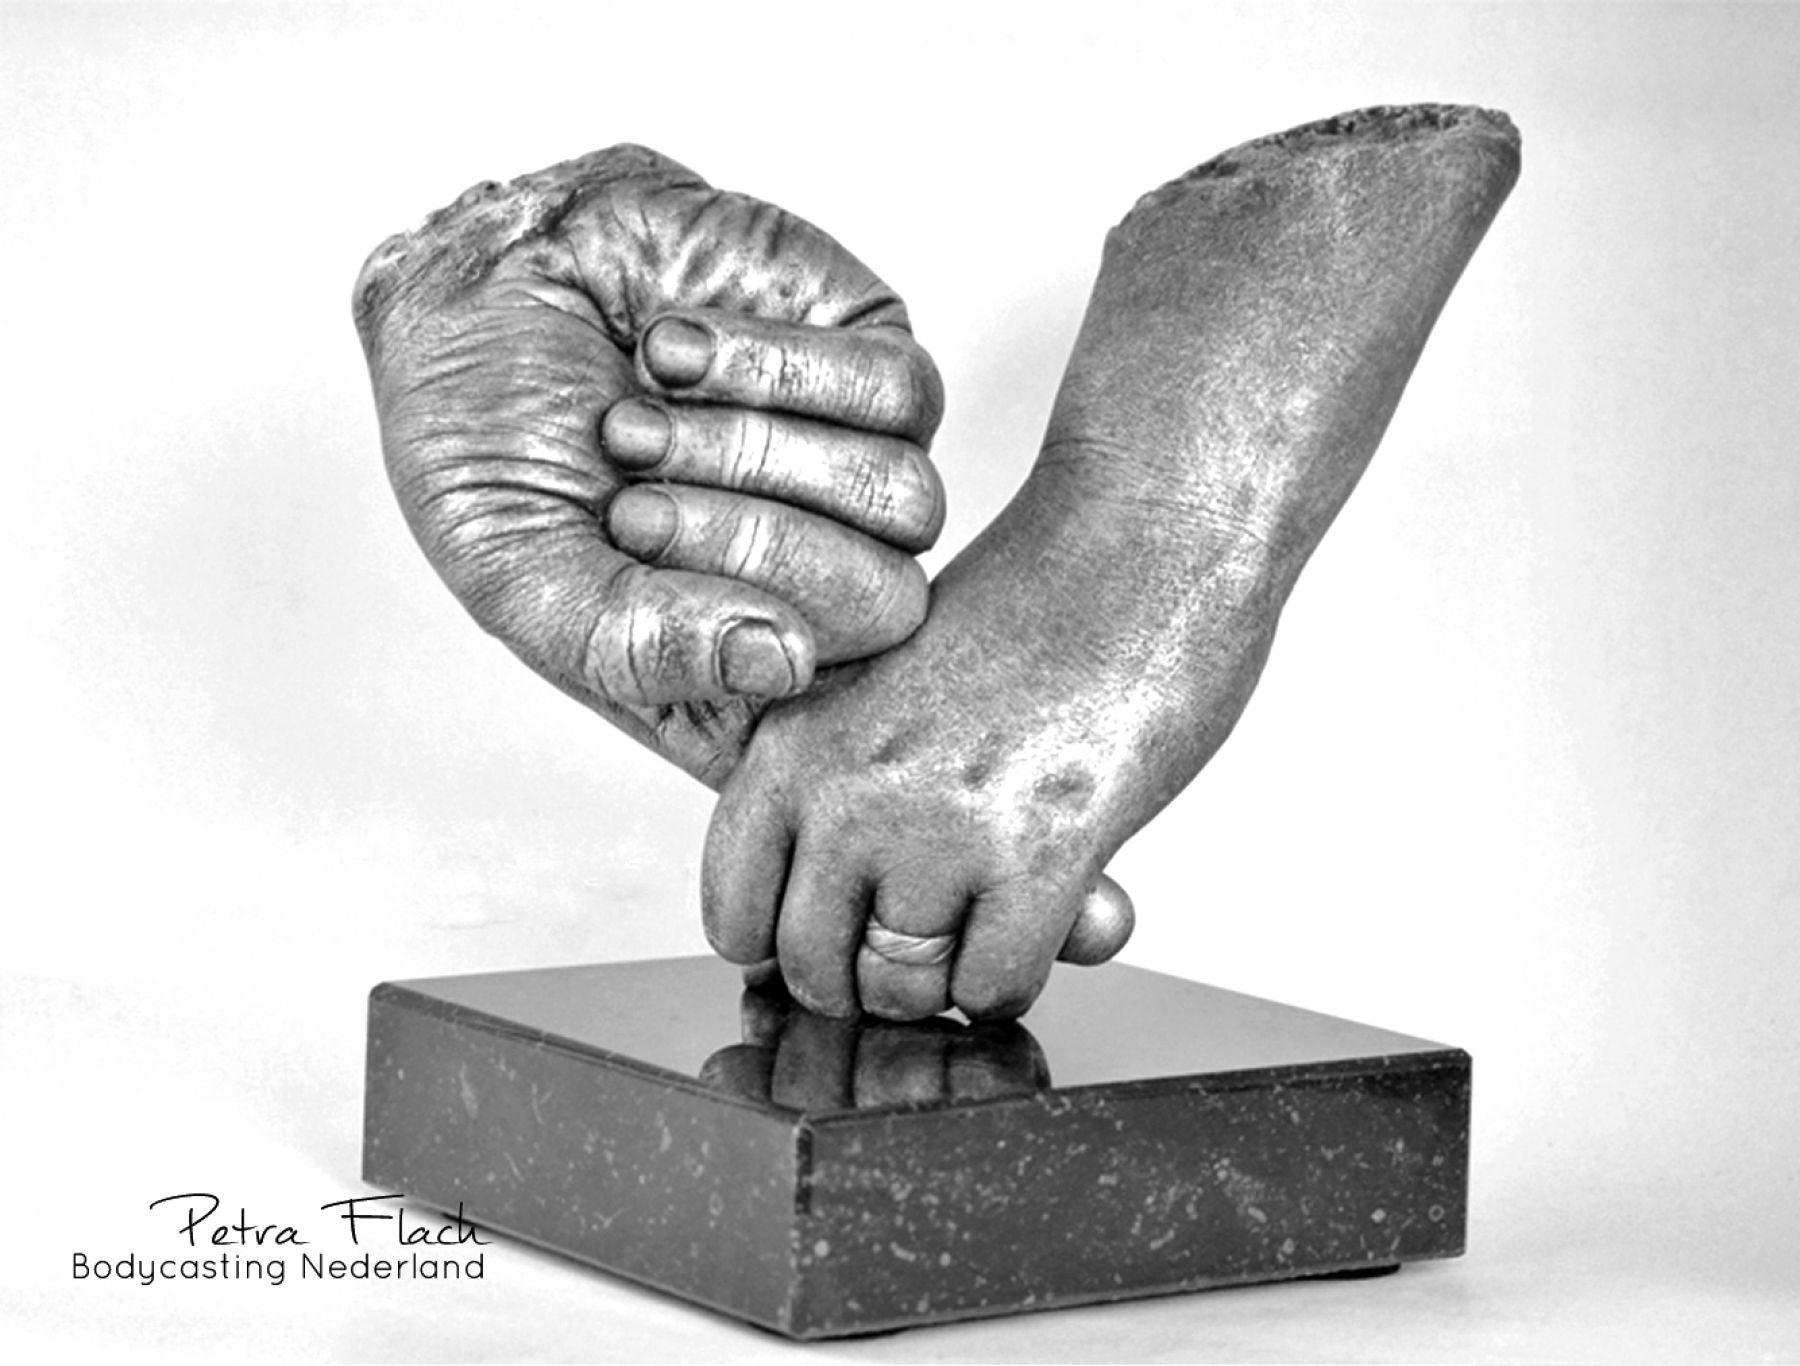 Bodycasting-lifecasting-handen-beeld-handbeeld-3D-handafdruk-gipsbeeld-kunst-art-petraflach